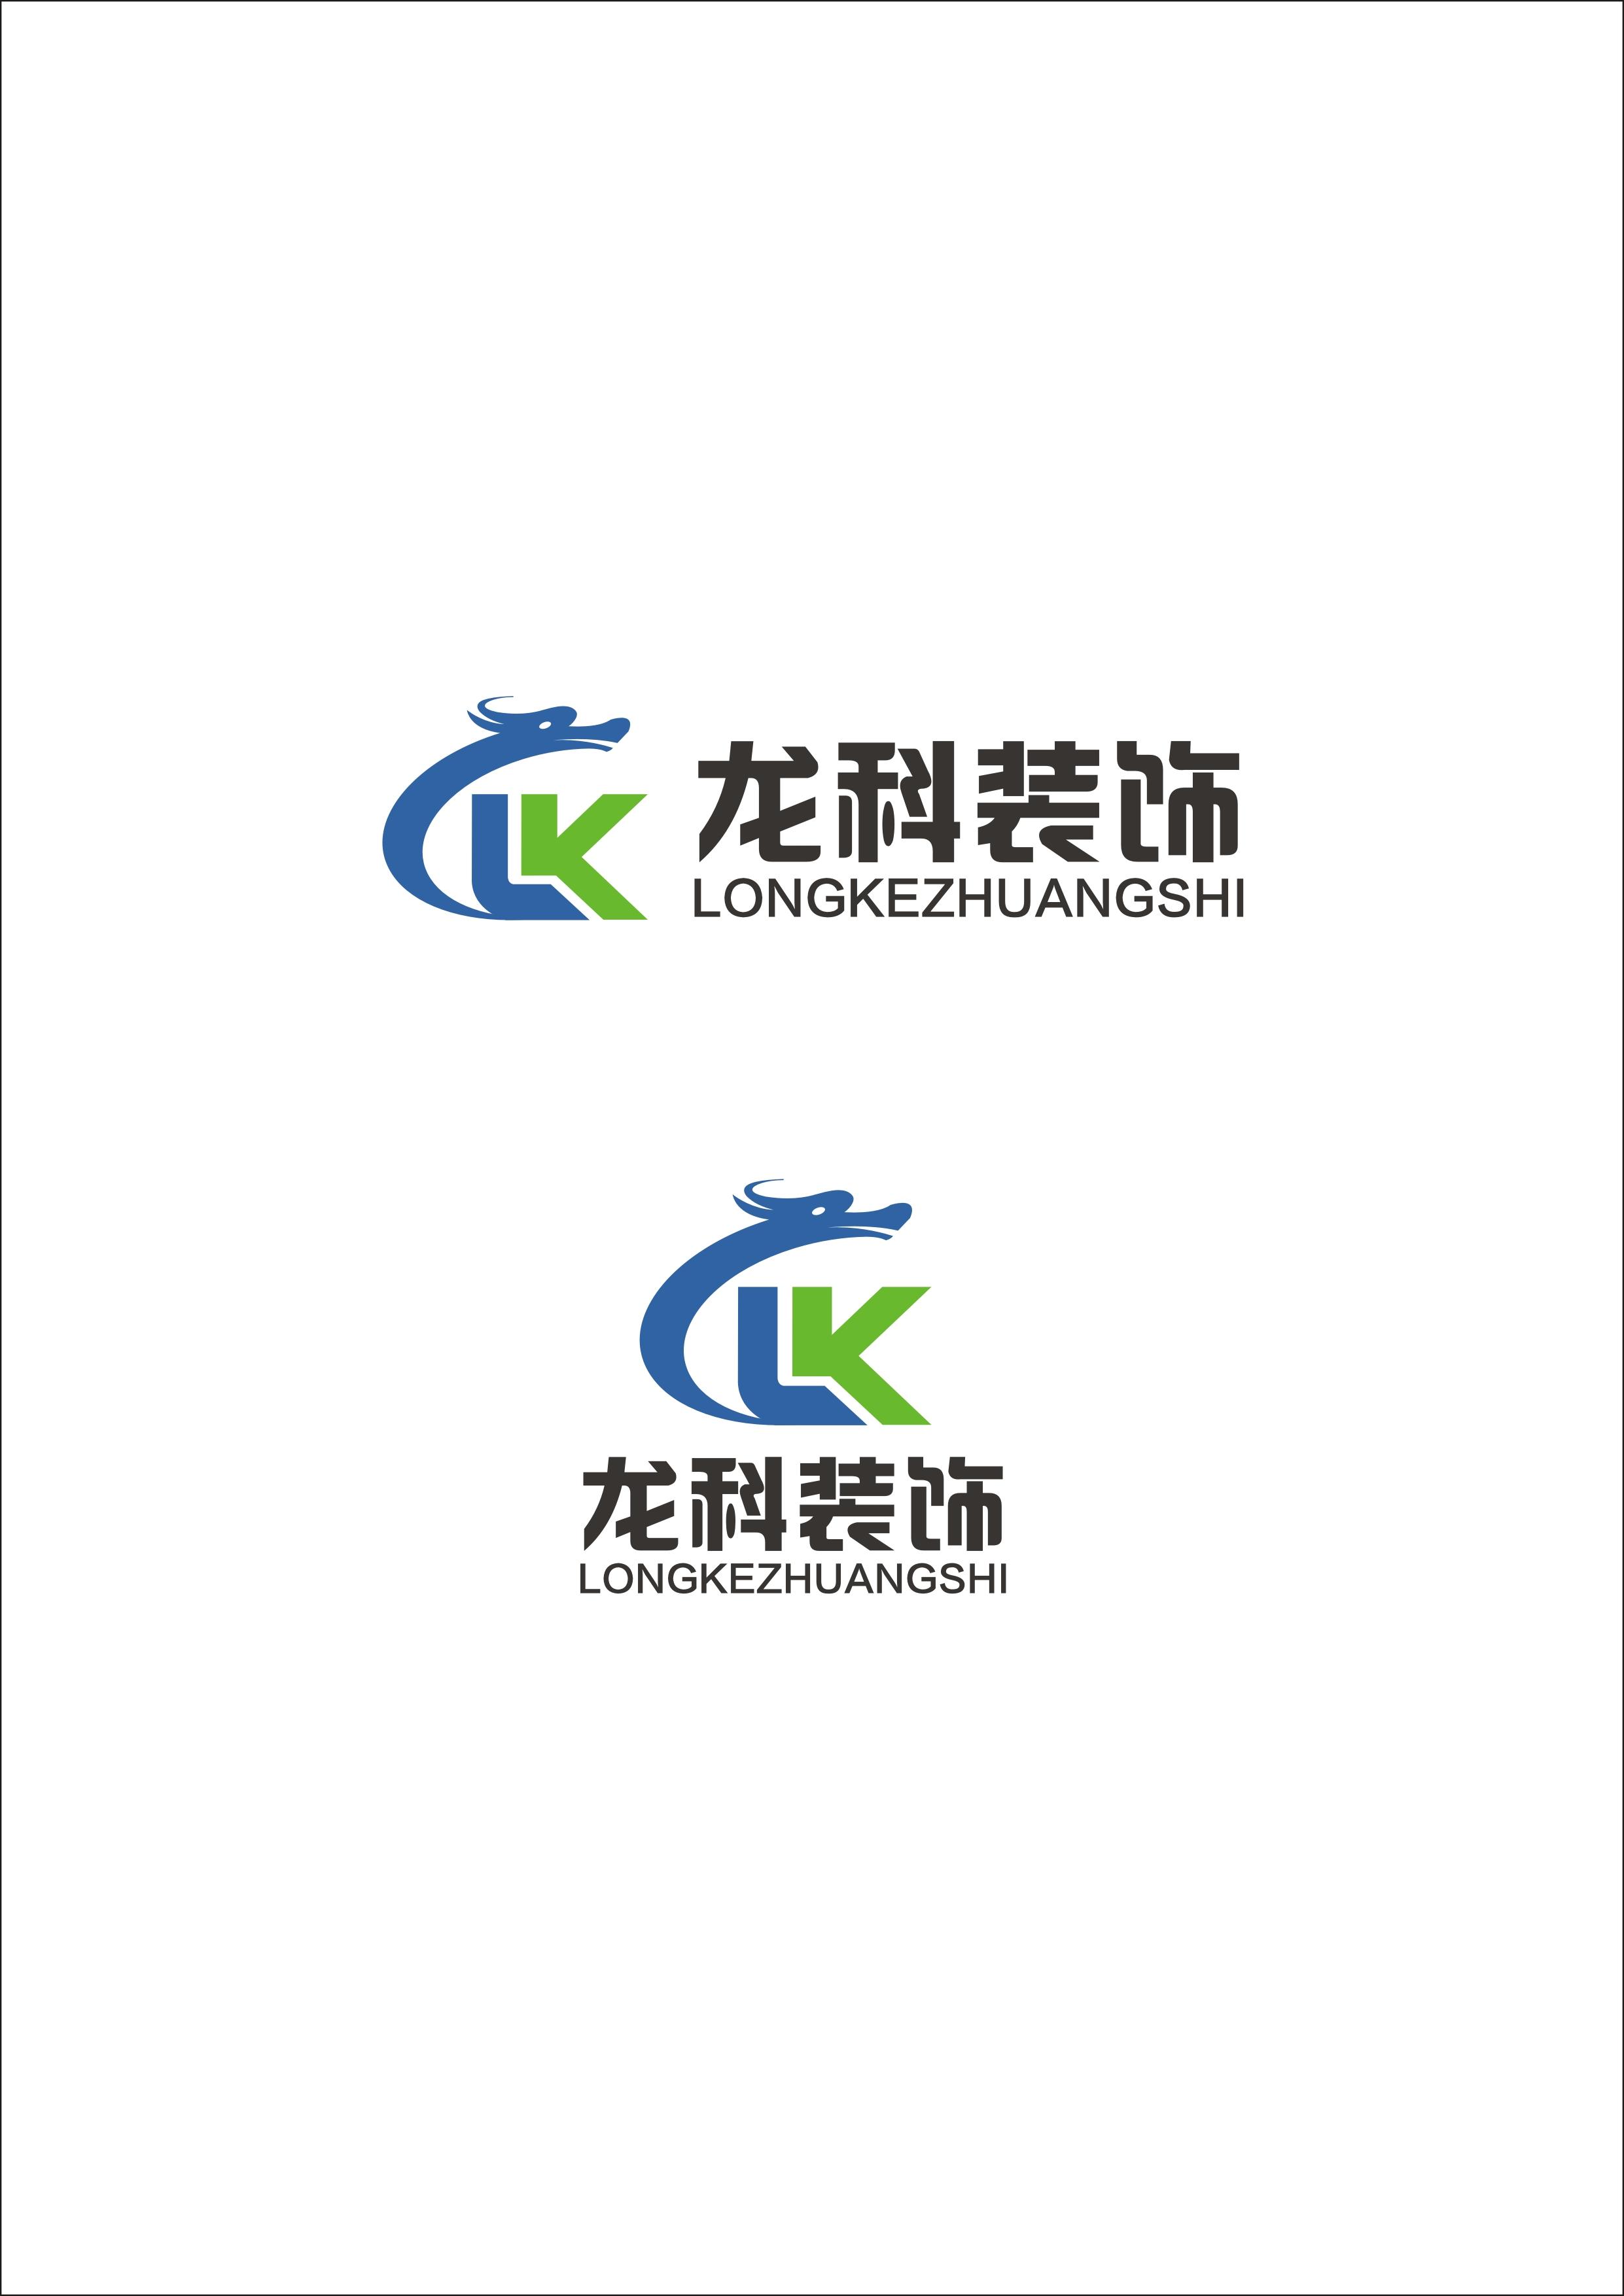 湖南龙科装饰设计工程有限公司